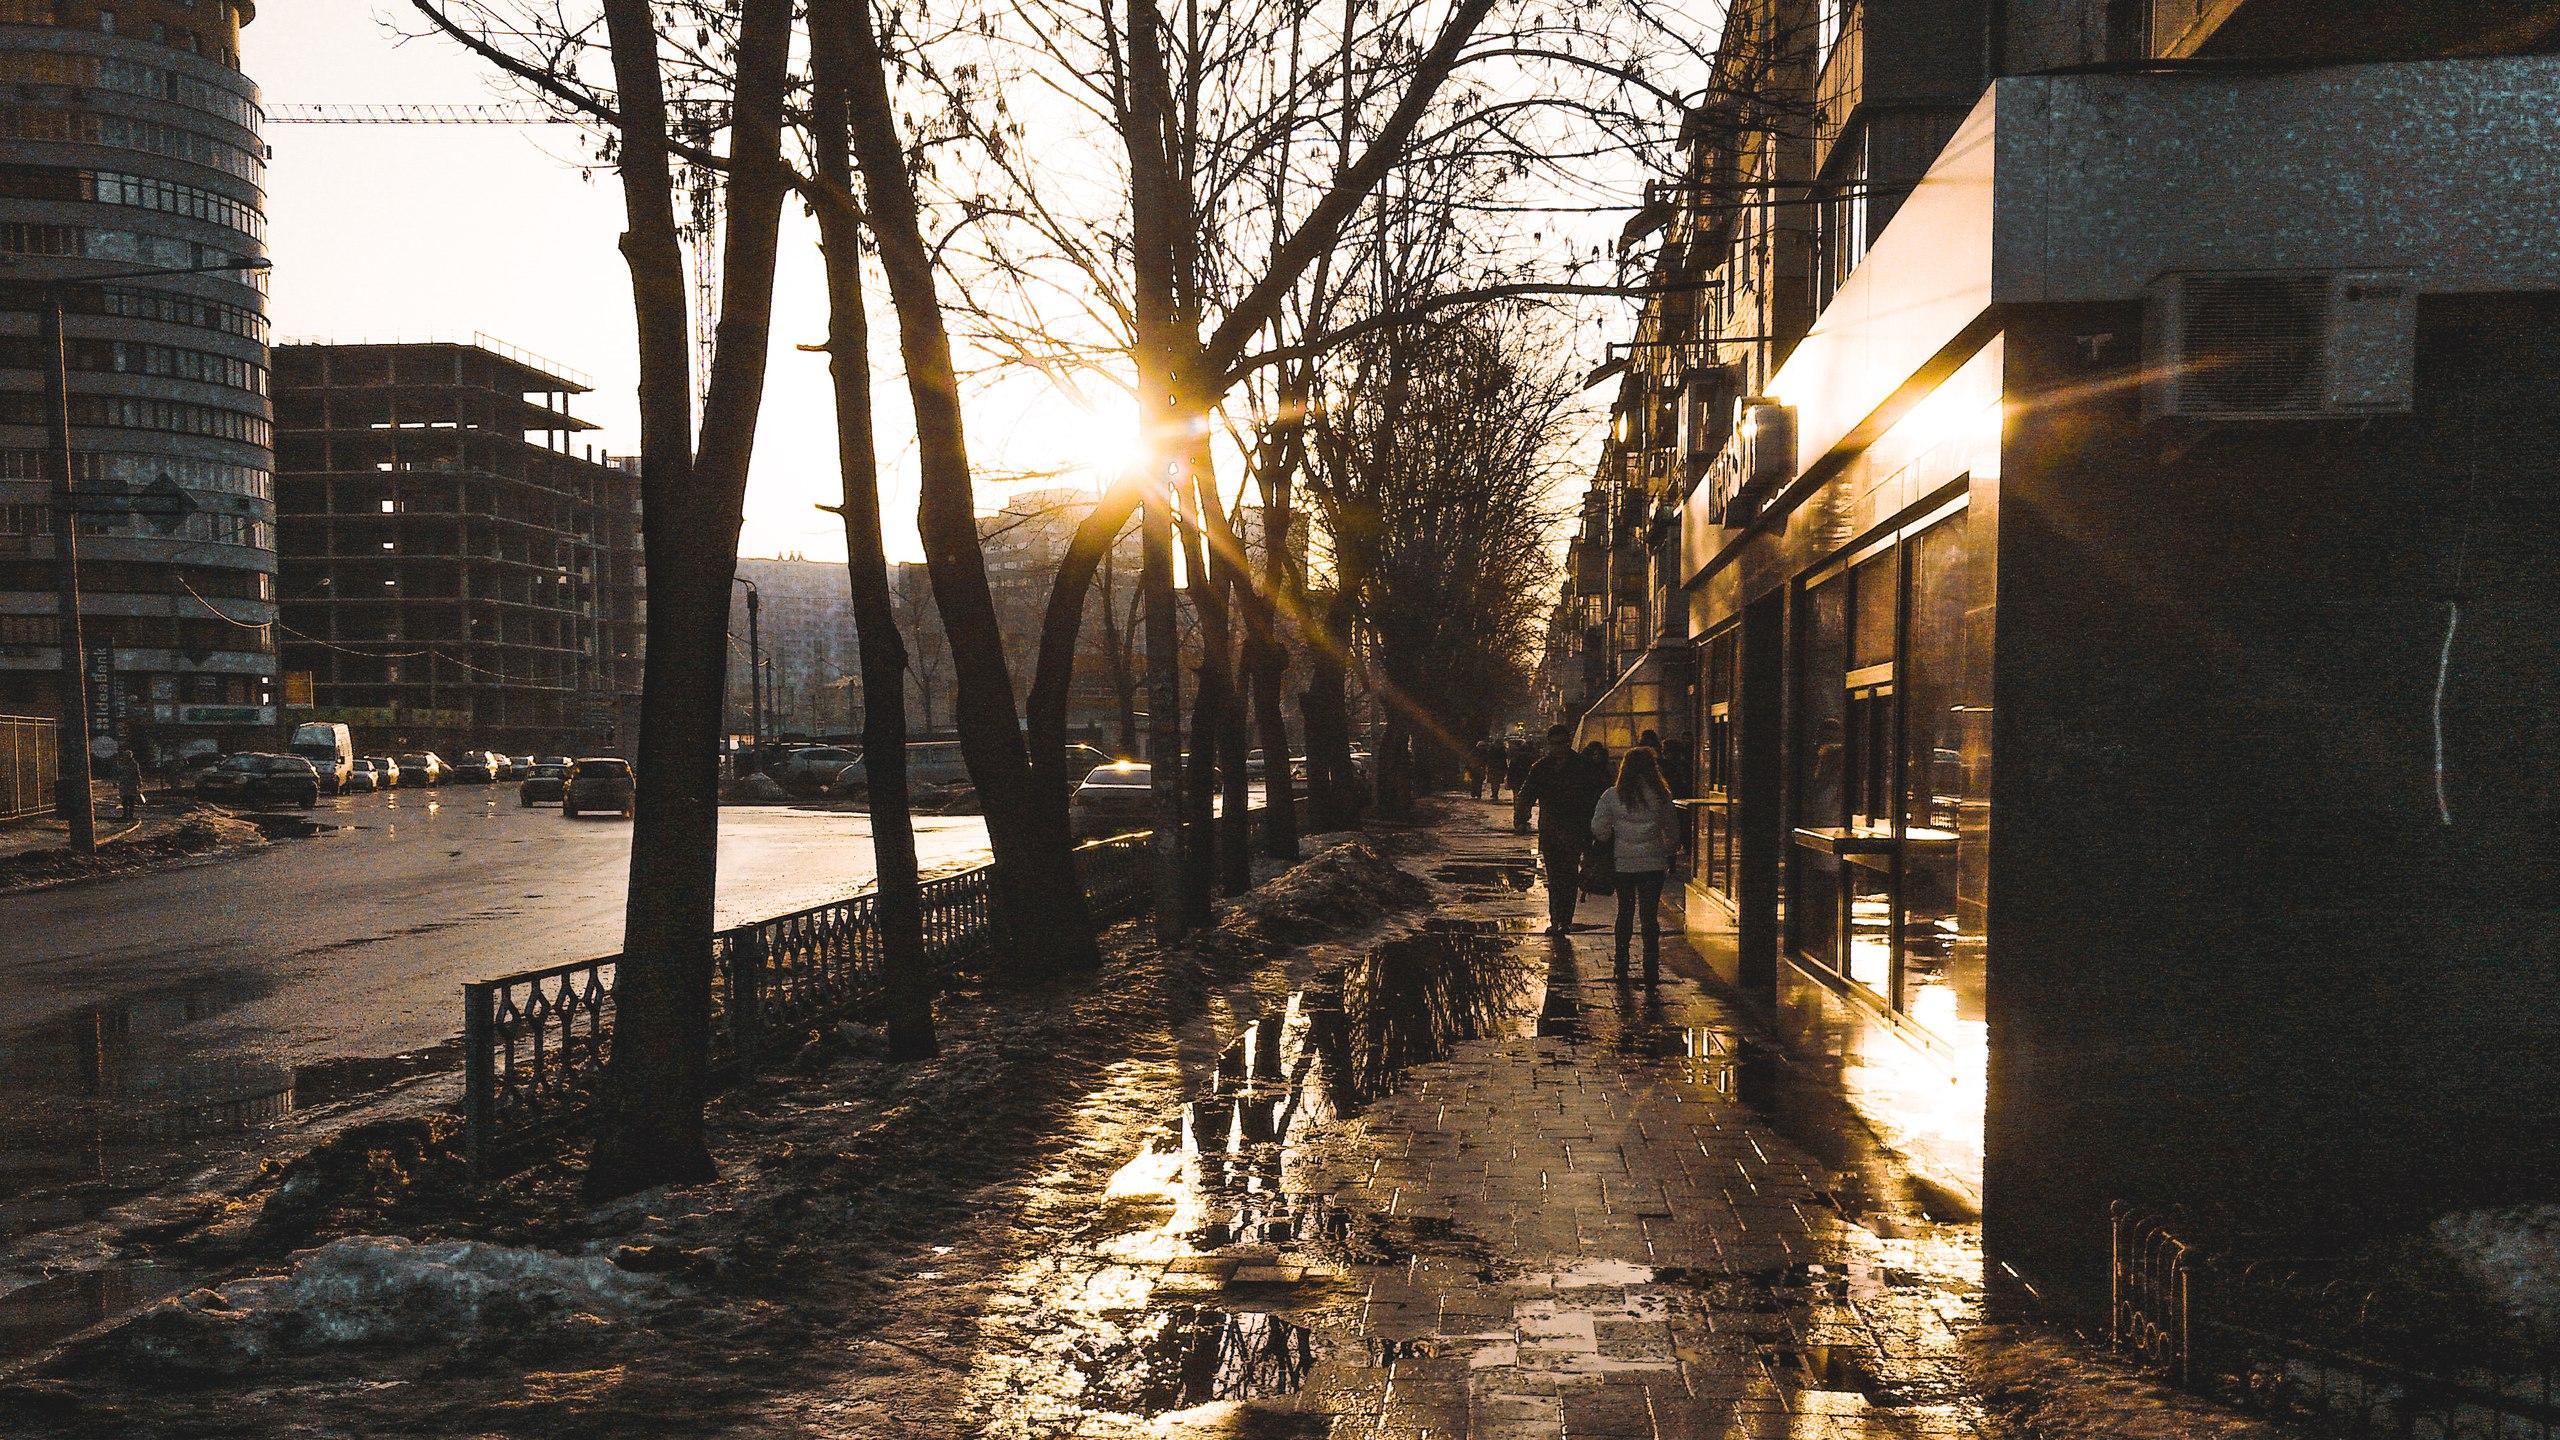 Наш город самый прекрасный - харьковчане в соцсетях (ФОТО)